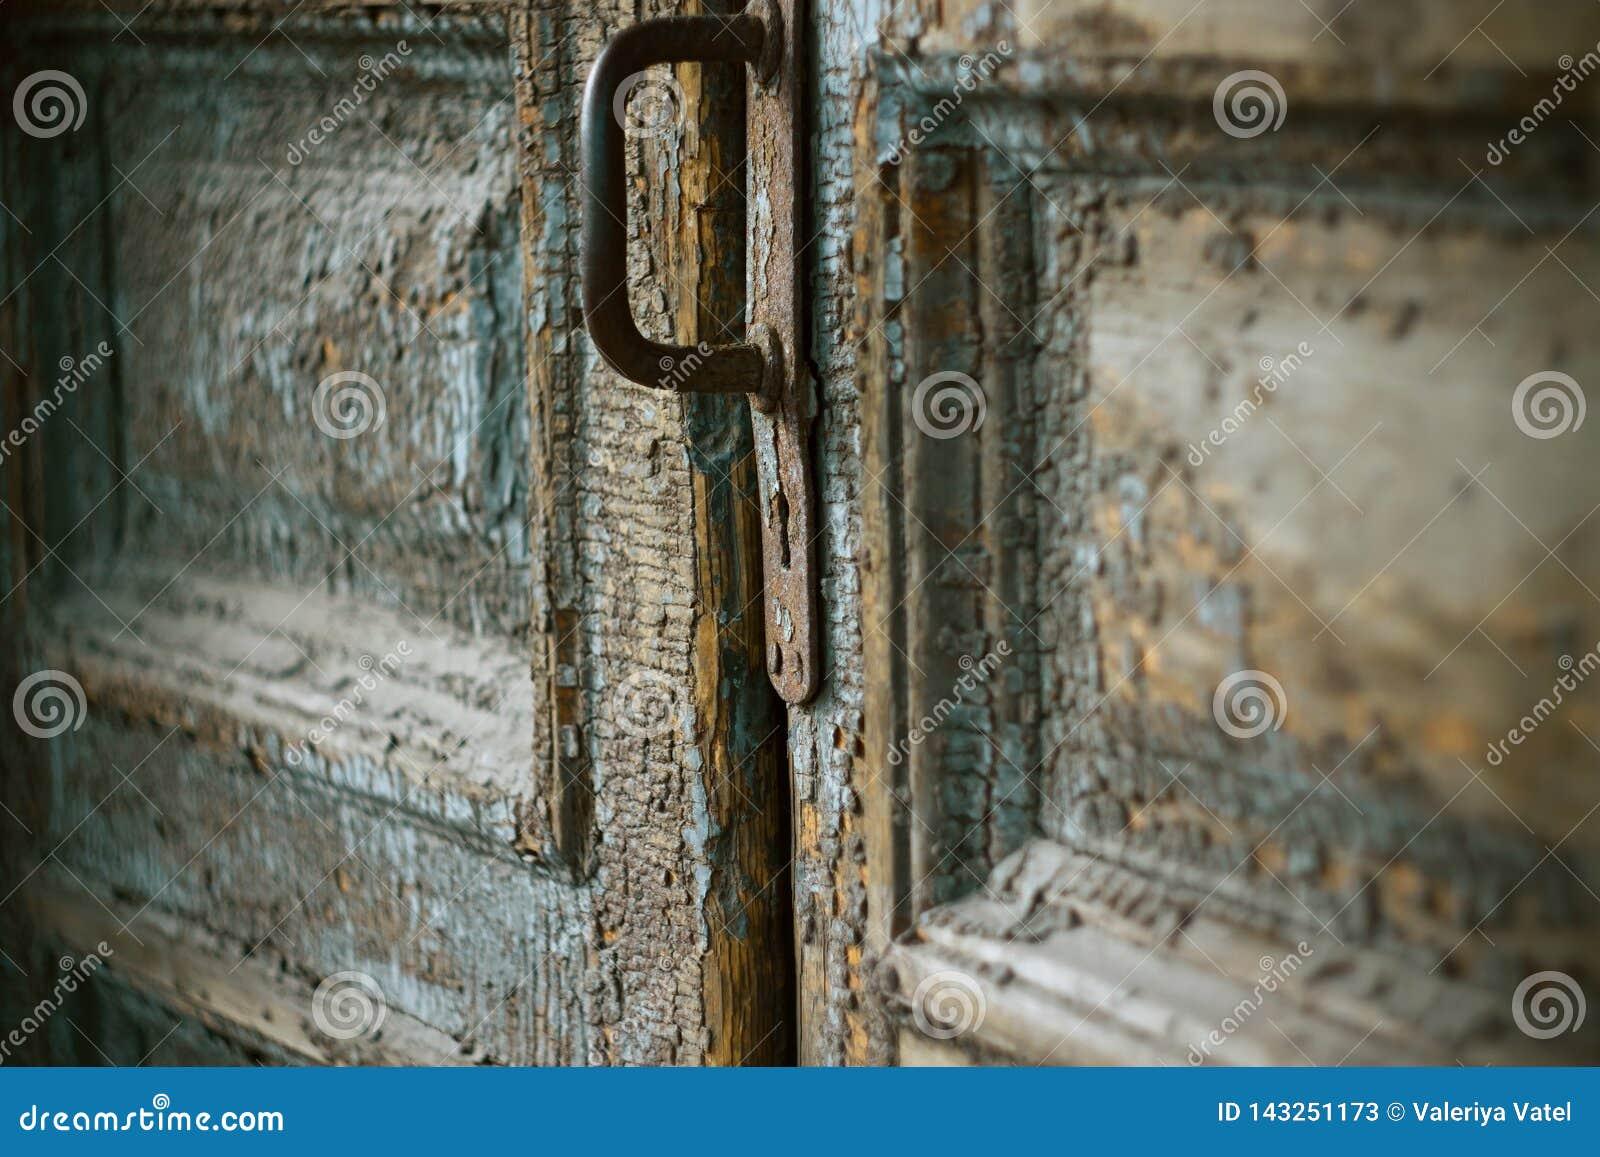 Een oude deur met een roestig handvat en een sleutelgat